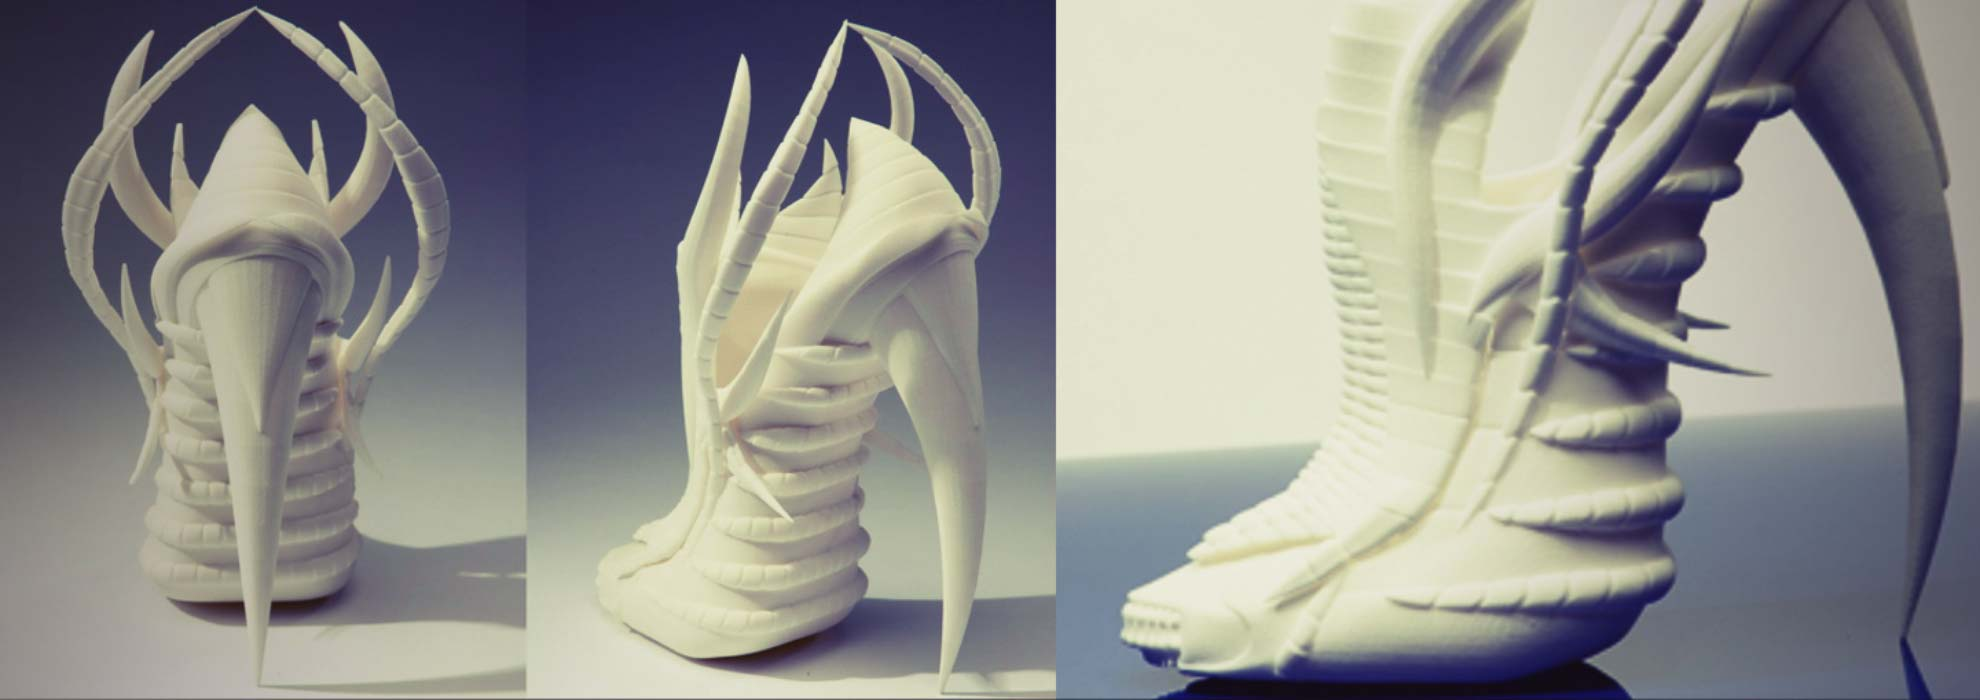 Дизайнерские туфли из полимера